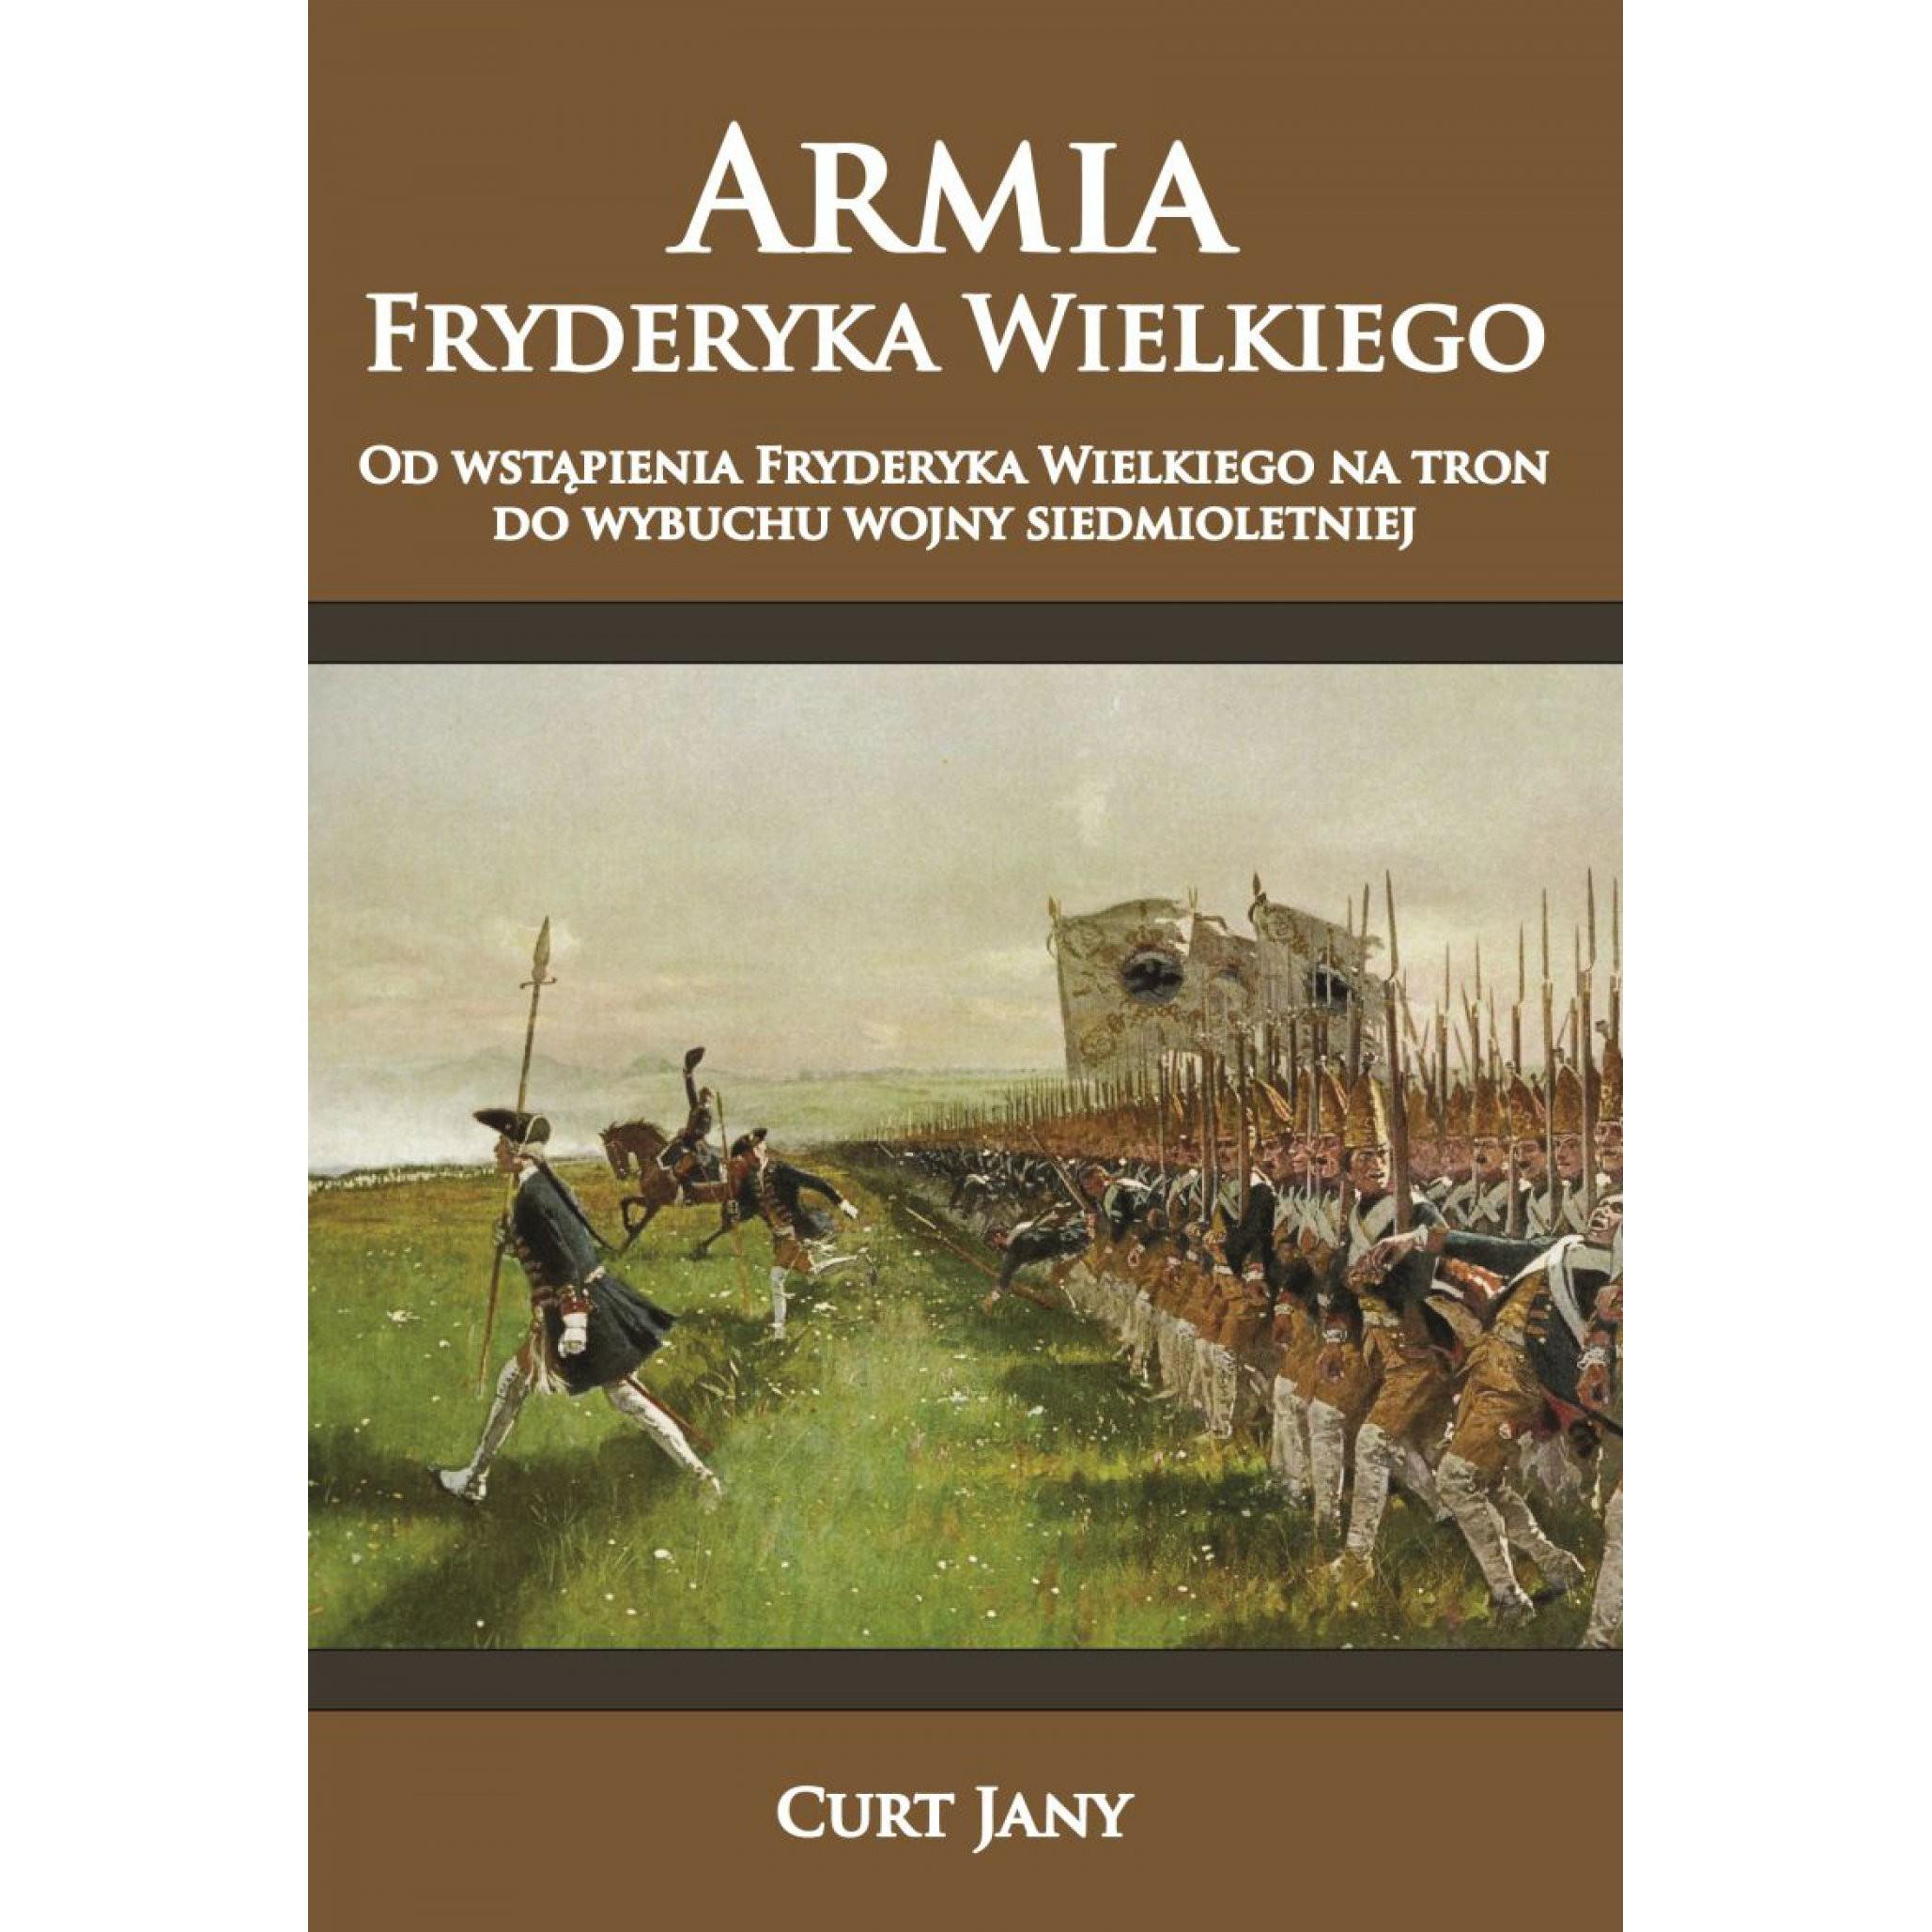 Armia Fryderyka Wielkiego. Od wstąpienia Fryderyka Wielkiego na tron do wybuchu wojny siedmioletniej. Tom I